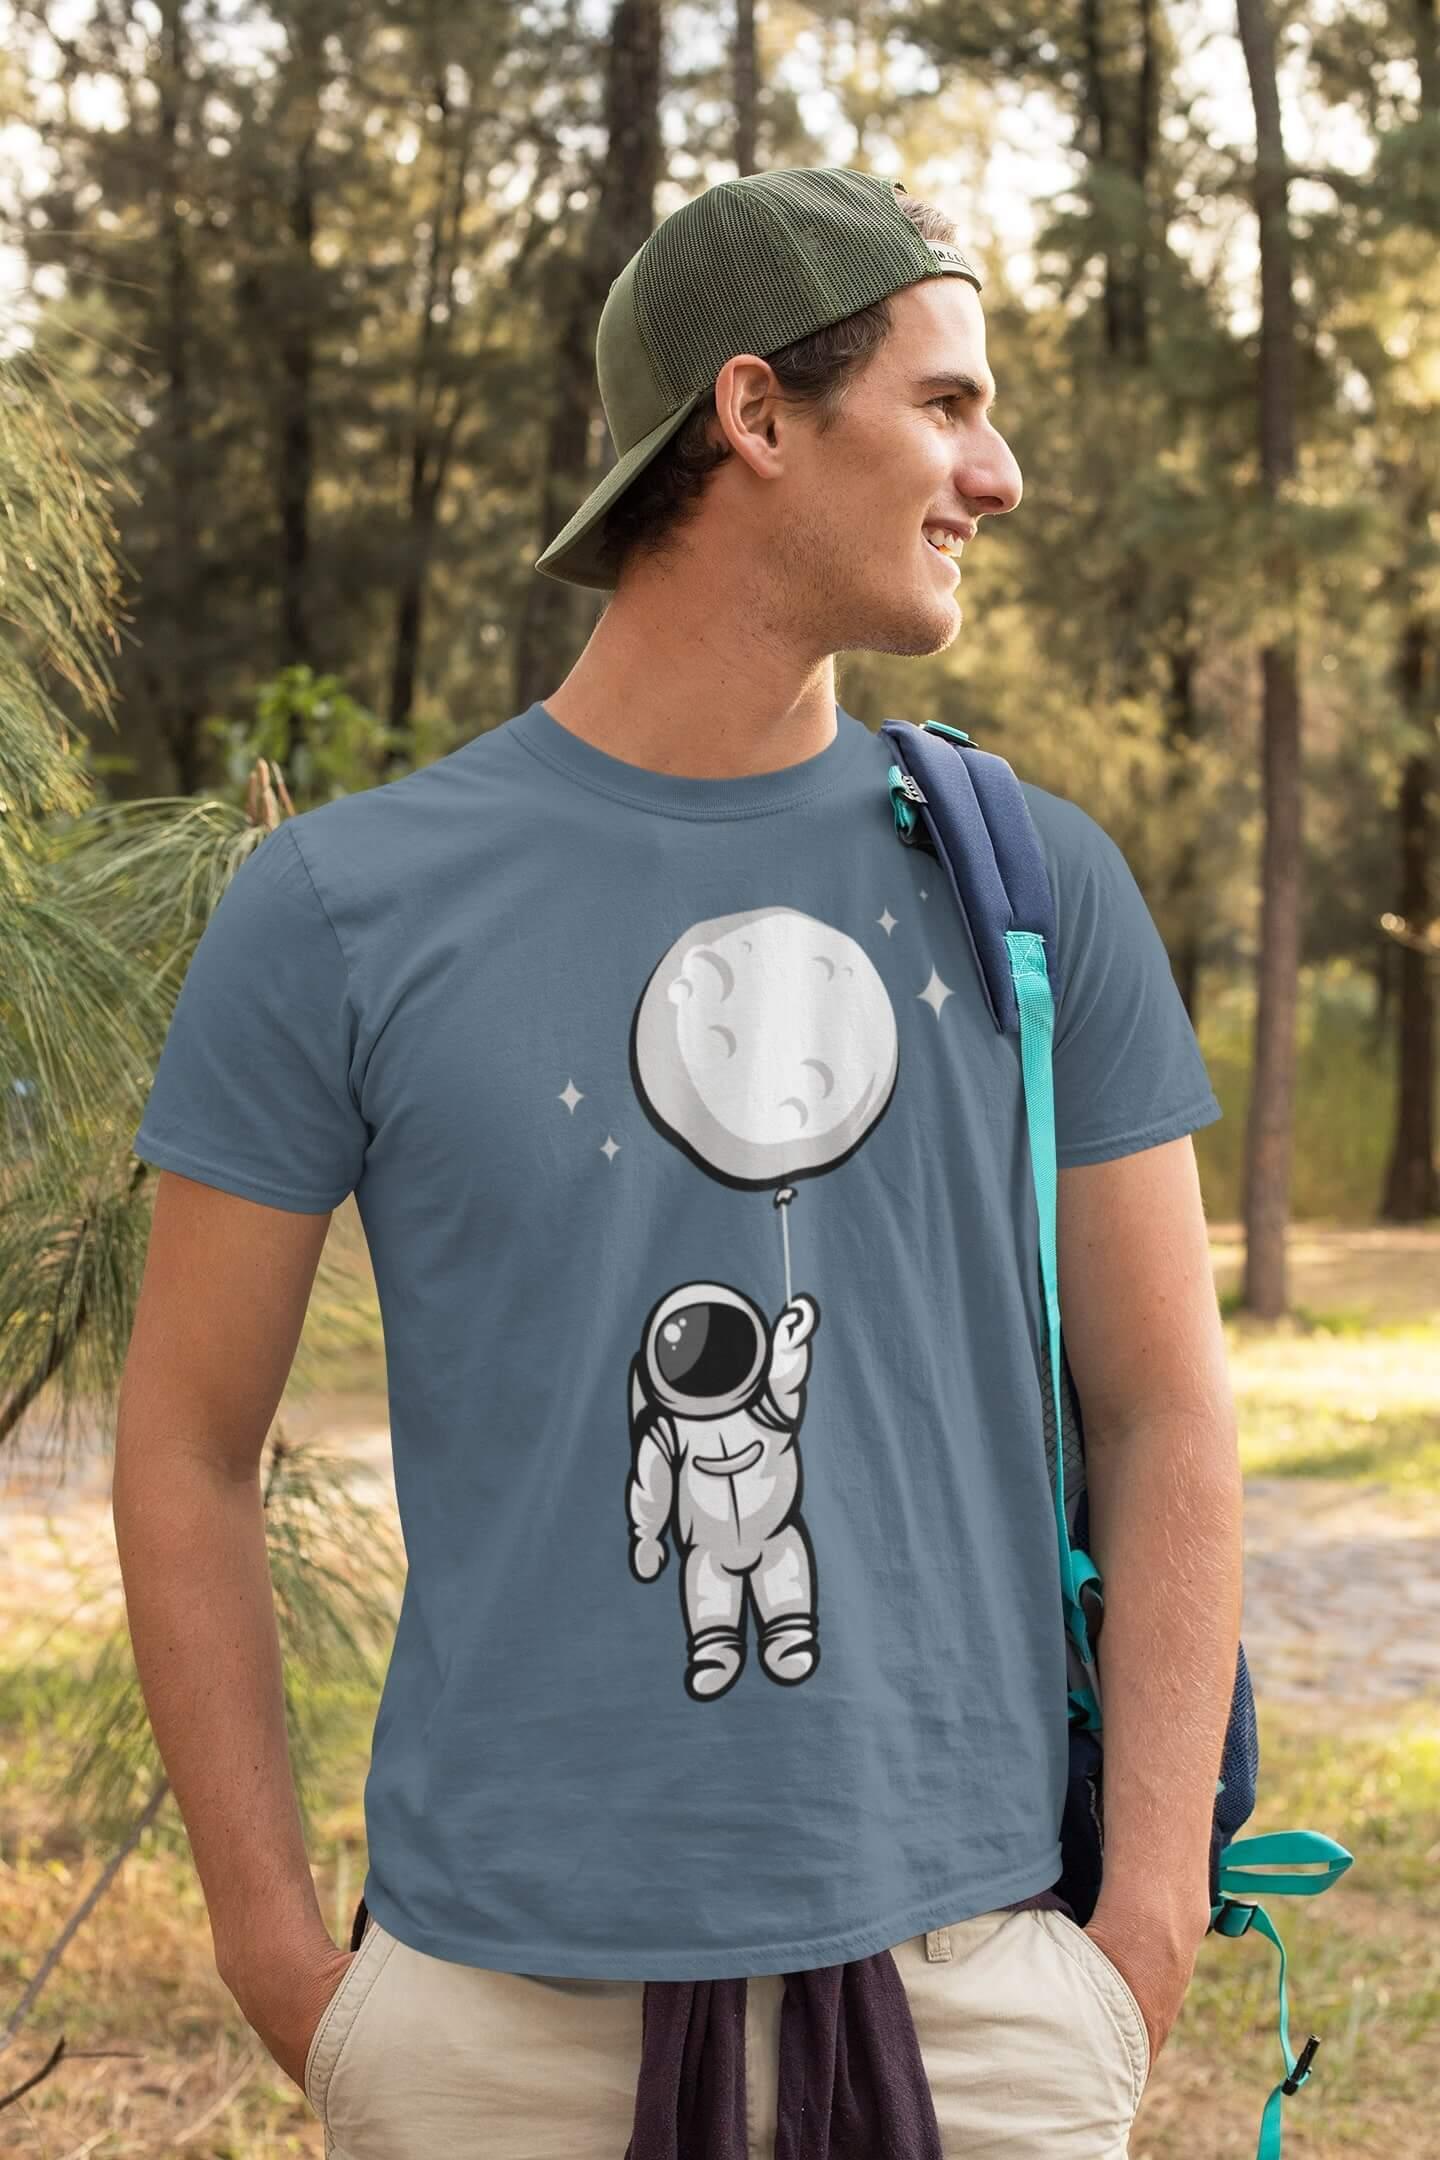 MMO Pánske tričko Astronaut Vyberte farbu: Denim, Vyberte veľkosť: XS